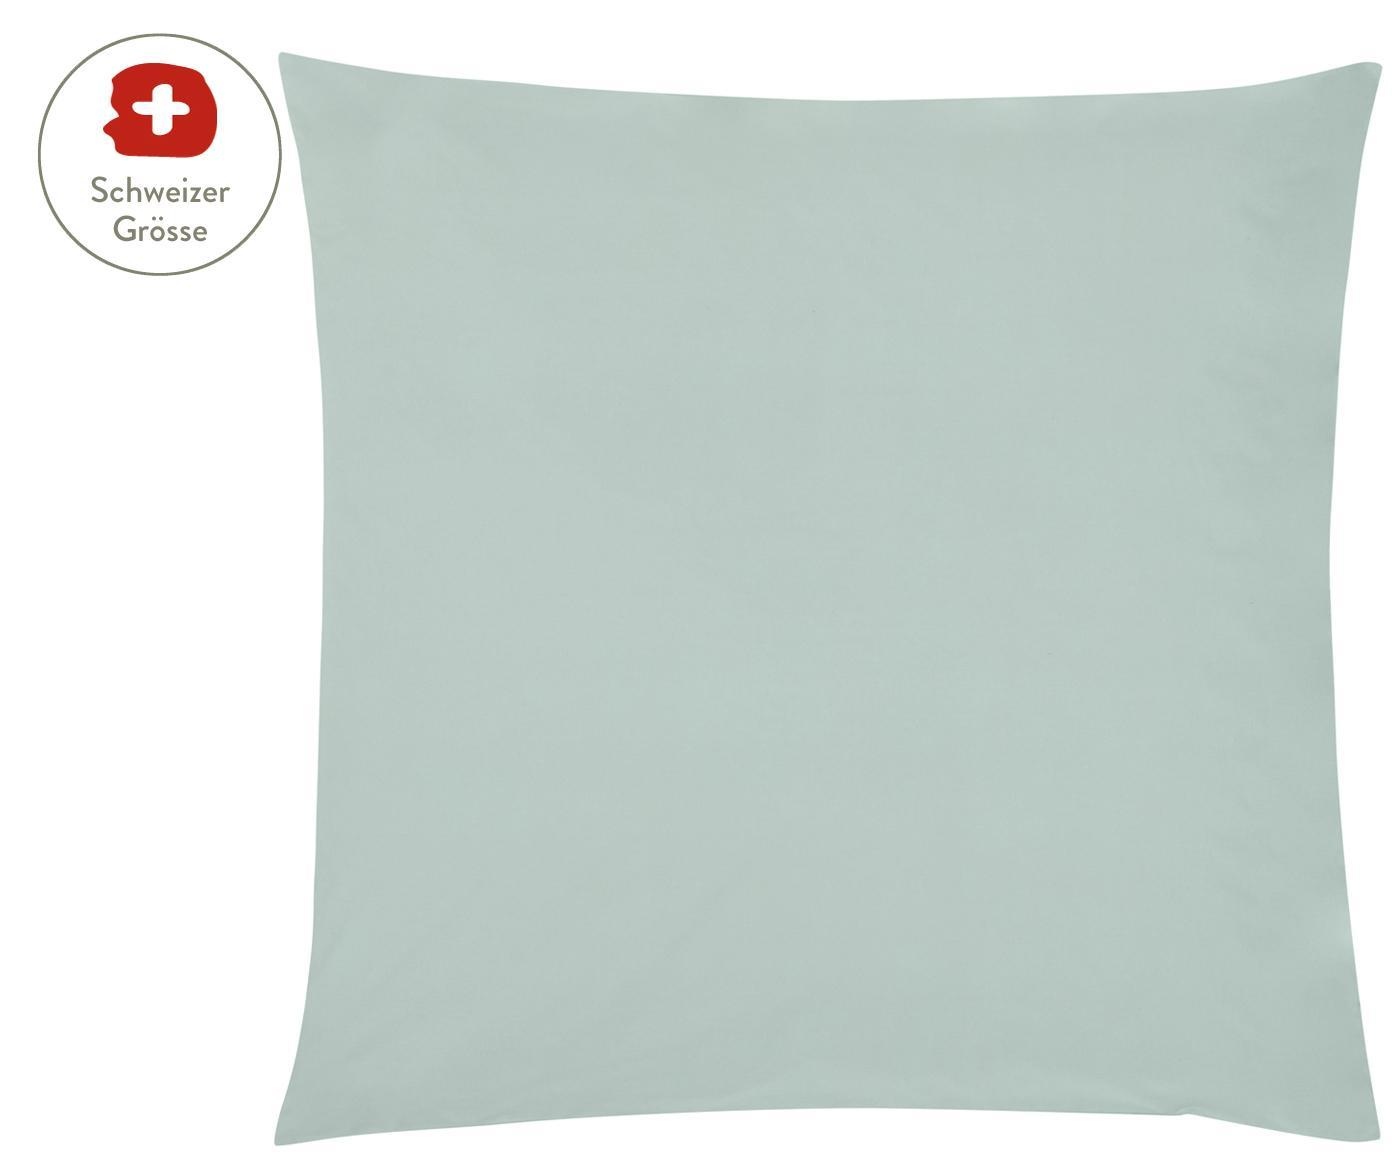 Baumwollperkal-Kissenbezug Elsie in Salbeigrün, Webart: Perkal Fadendichte 200 TC, Salbeigrün, 65 x 65 cm